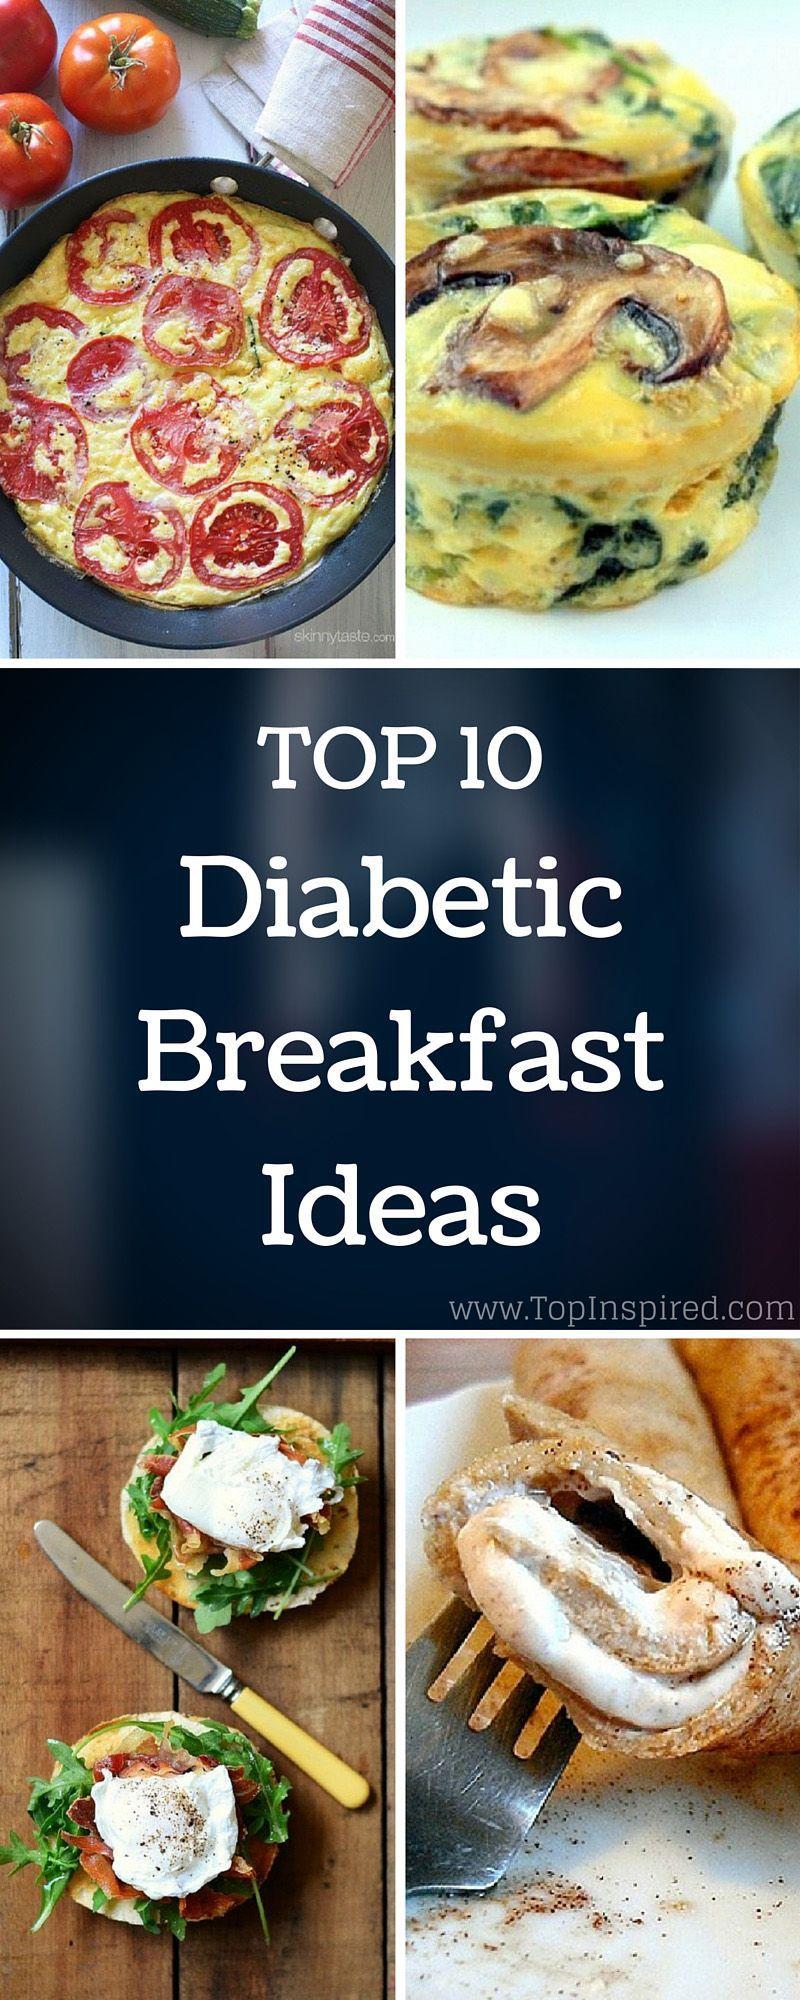 Best Diabetic Breakfast Ideas Diabetic Diabetic Breakfast Diabetic Recipes Food